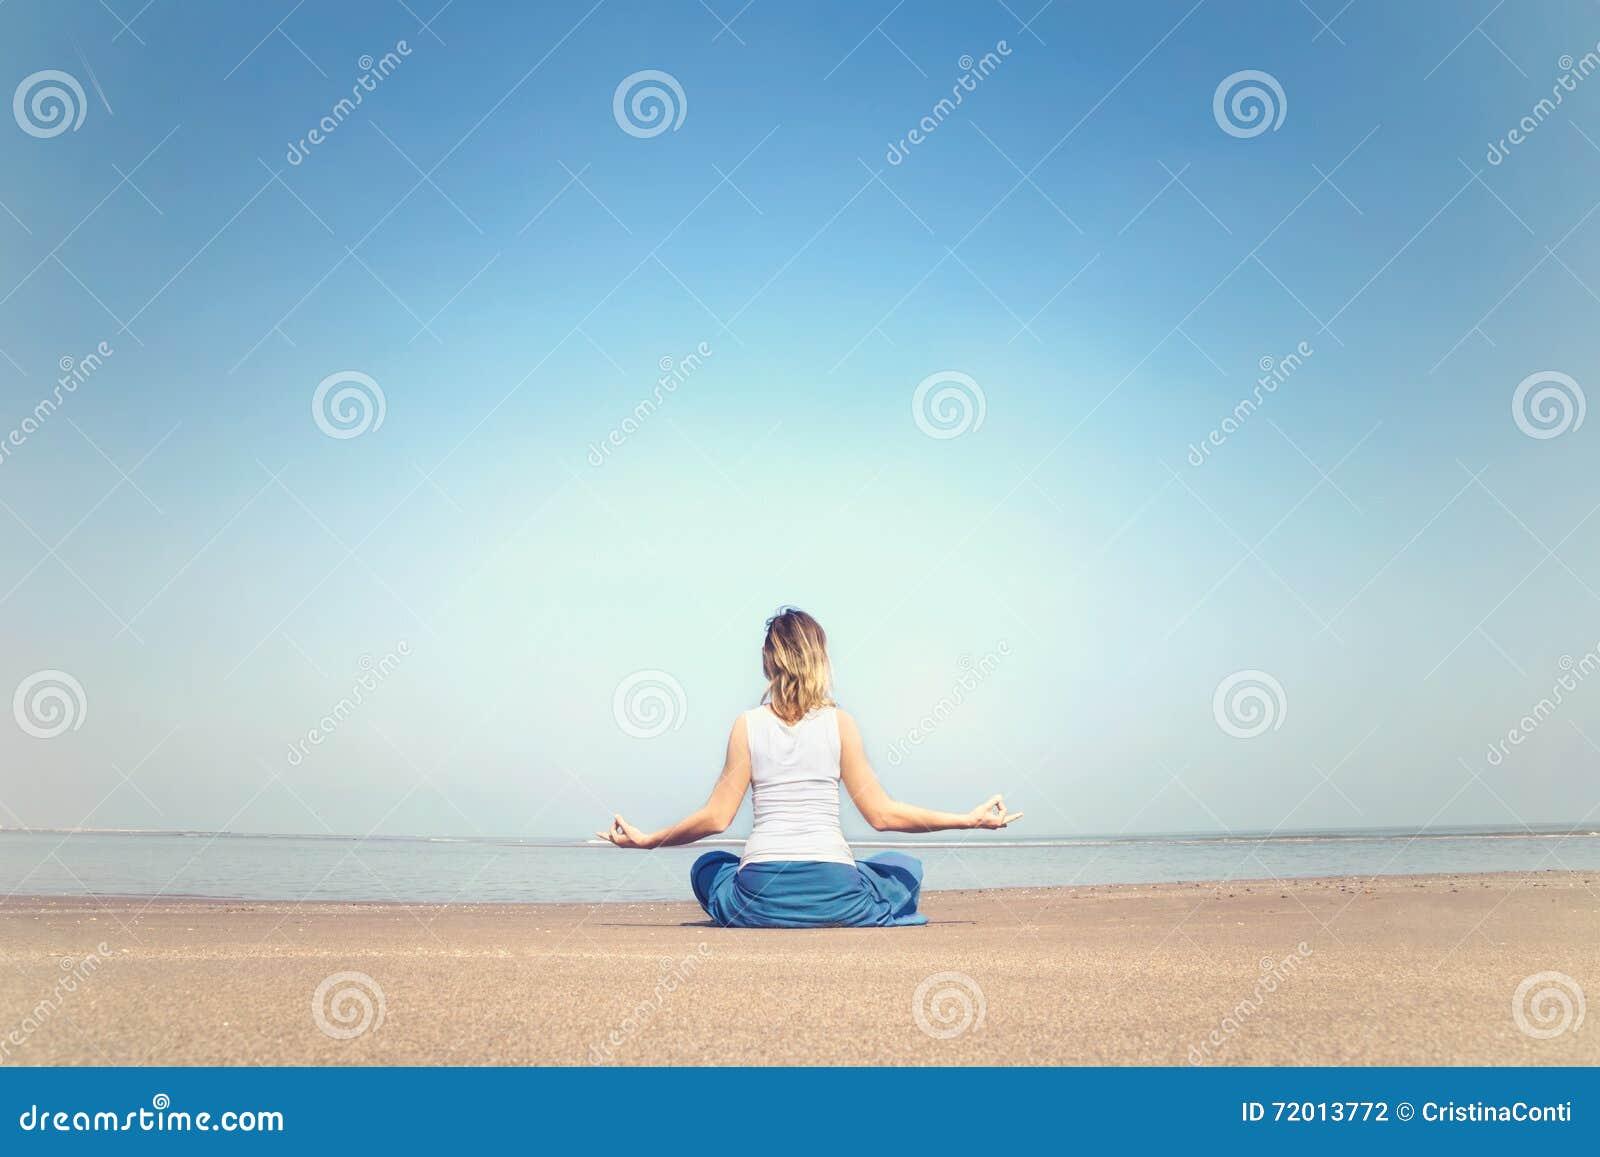 Femme exécutant des exercices de relaxation et de méditation à la mer